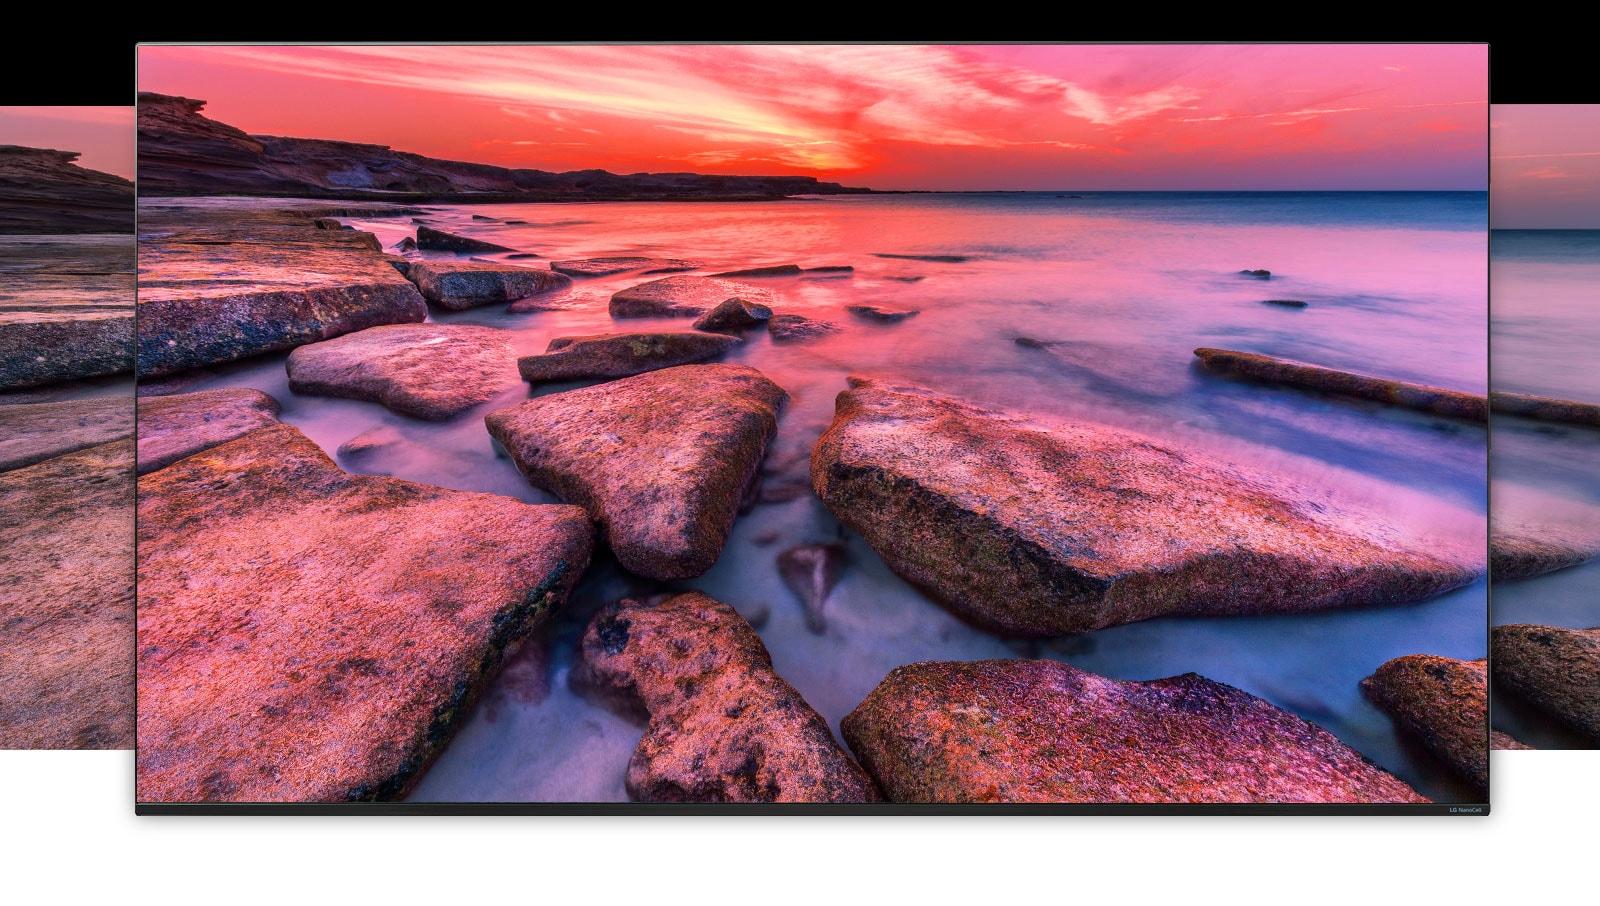 TV ekranas, kuriame rodomas platus peizažas